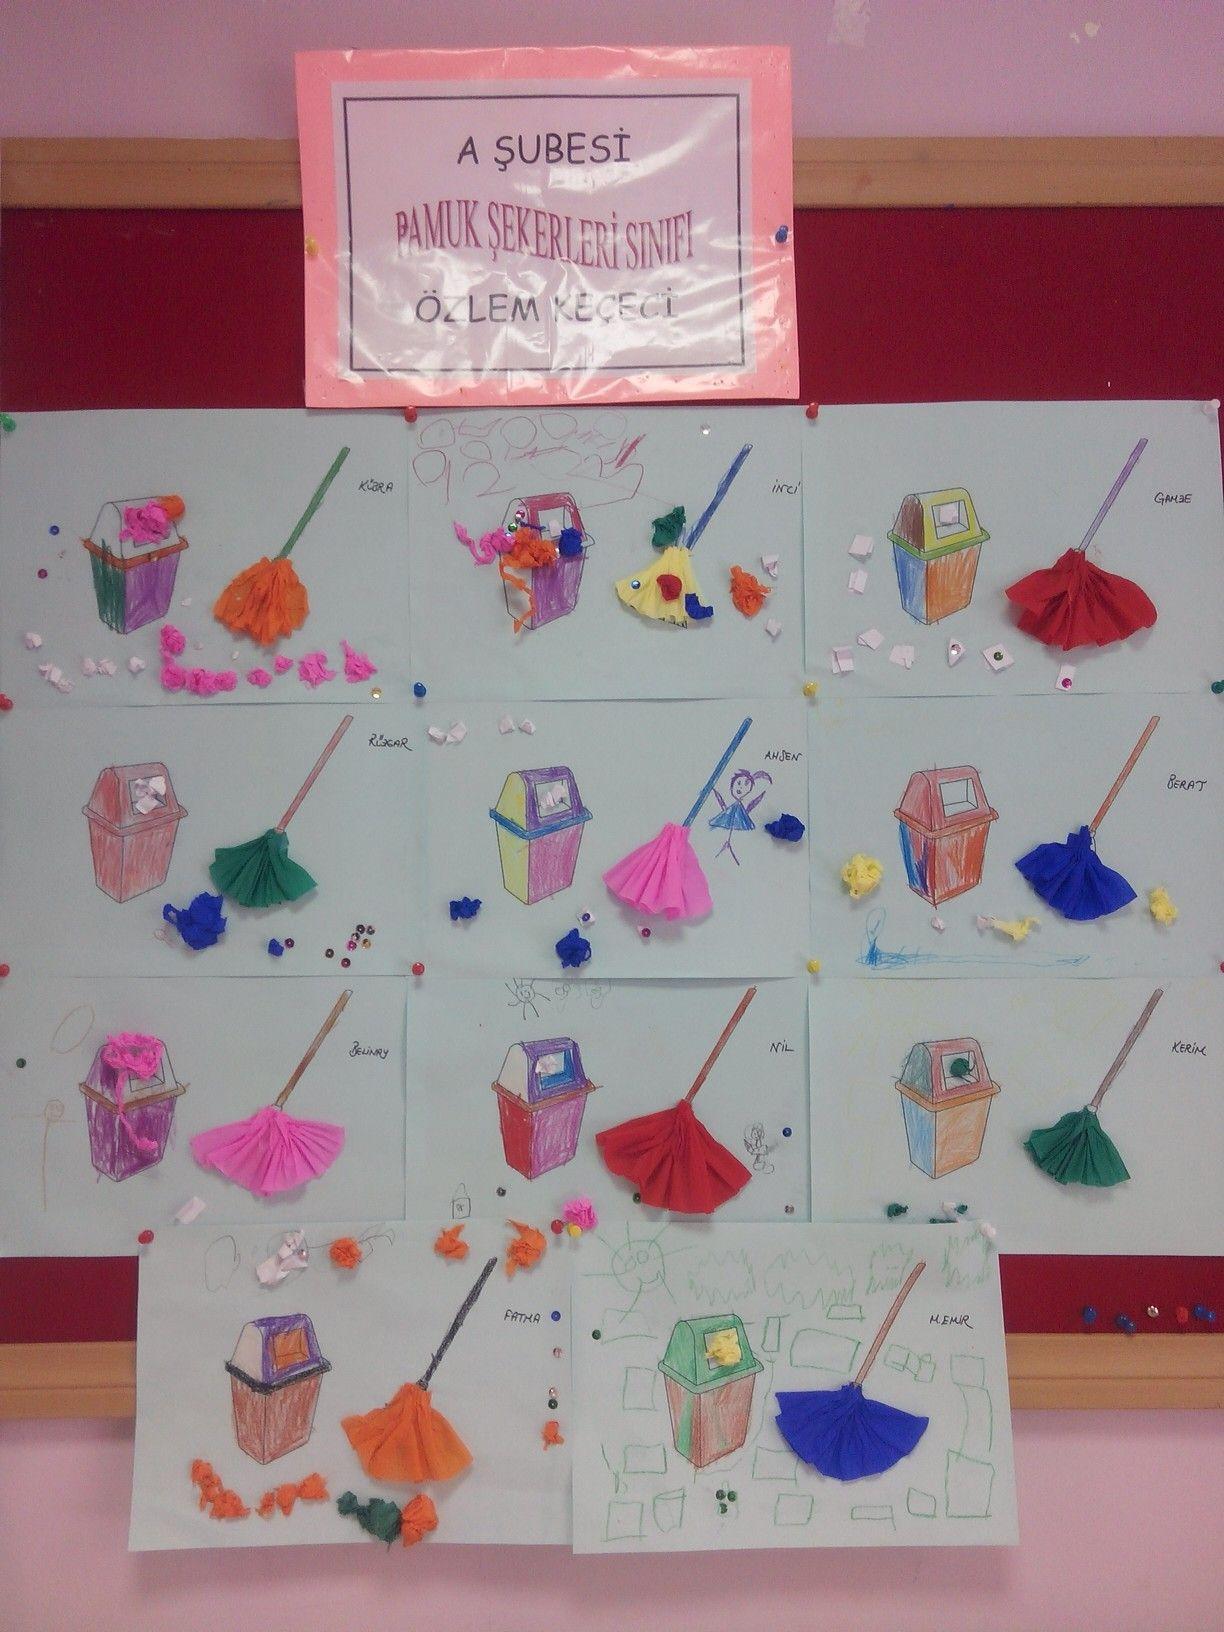 Kirli Temiz Faaliyetler Okul Cocuklar Icin Sanat